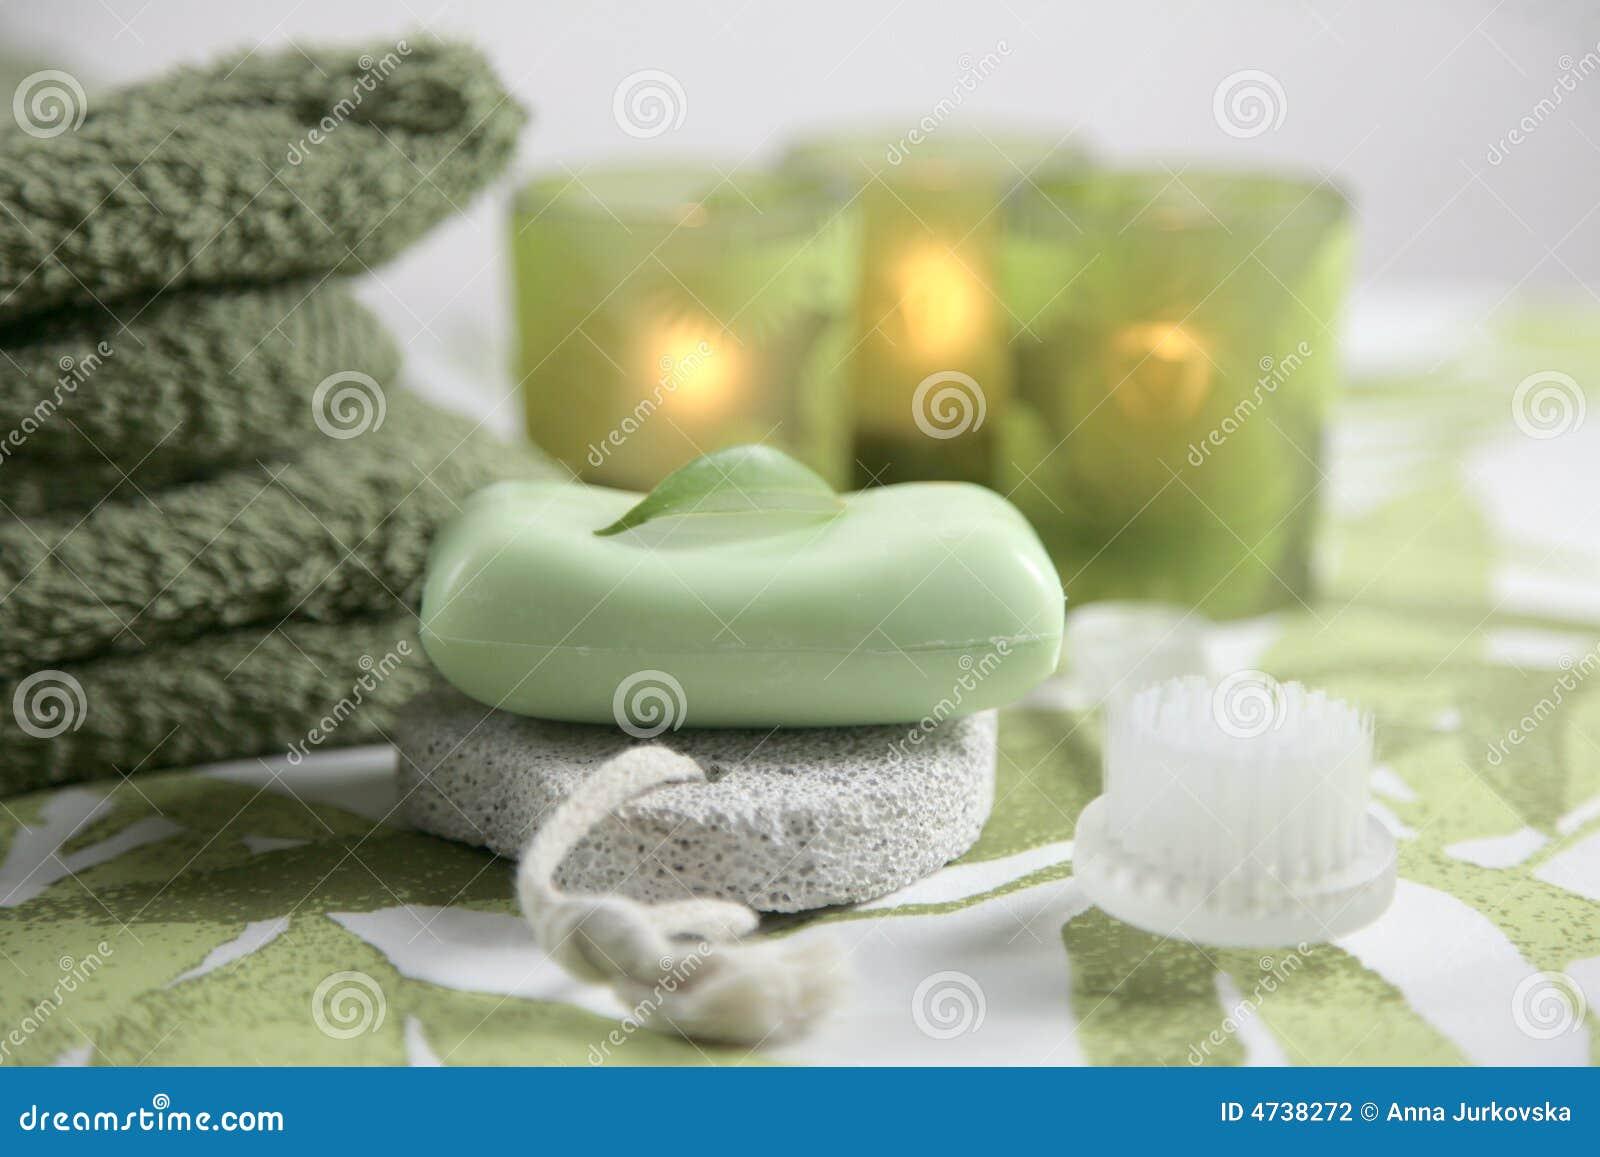 Olive spa set